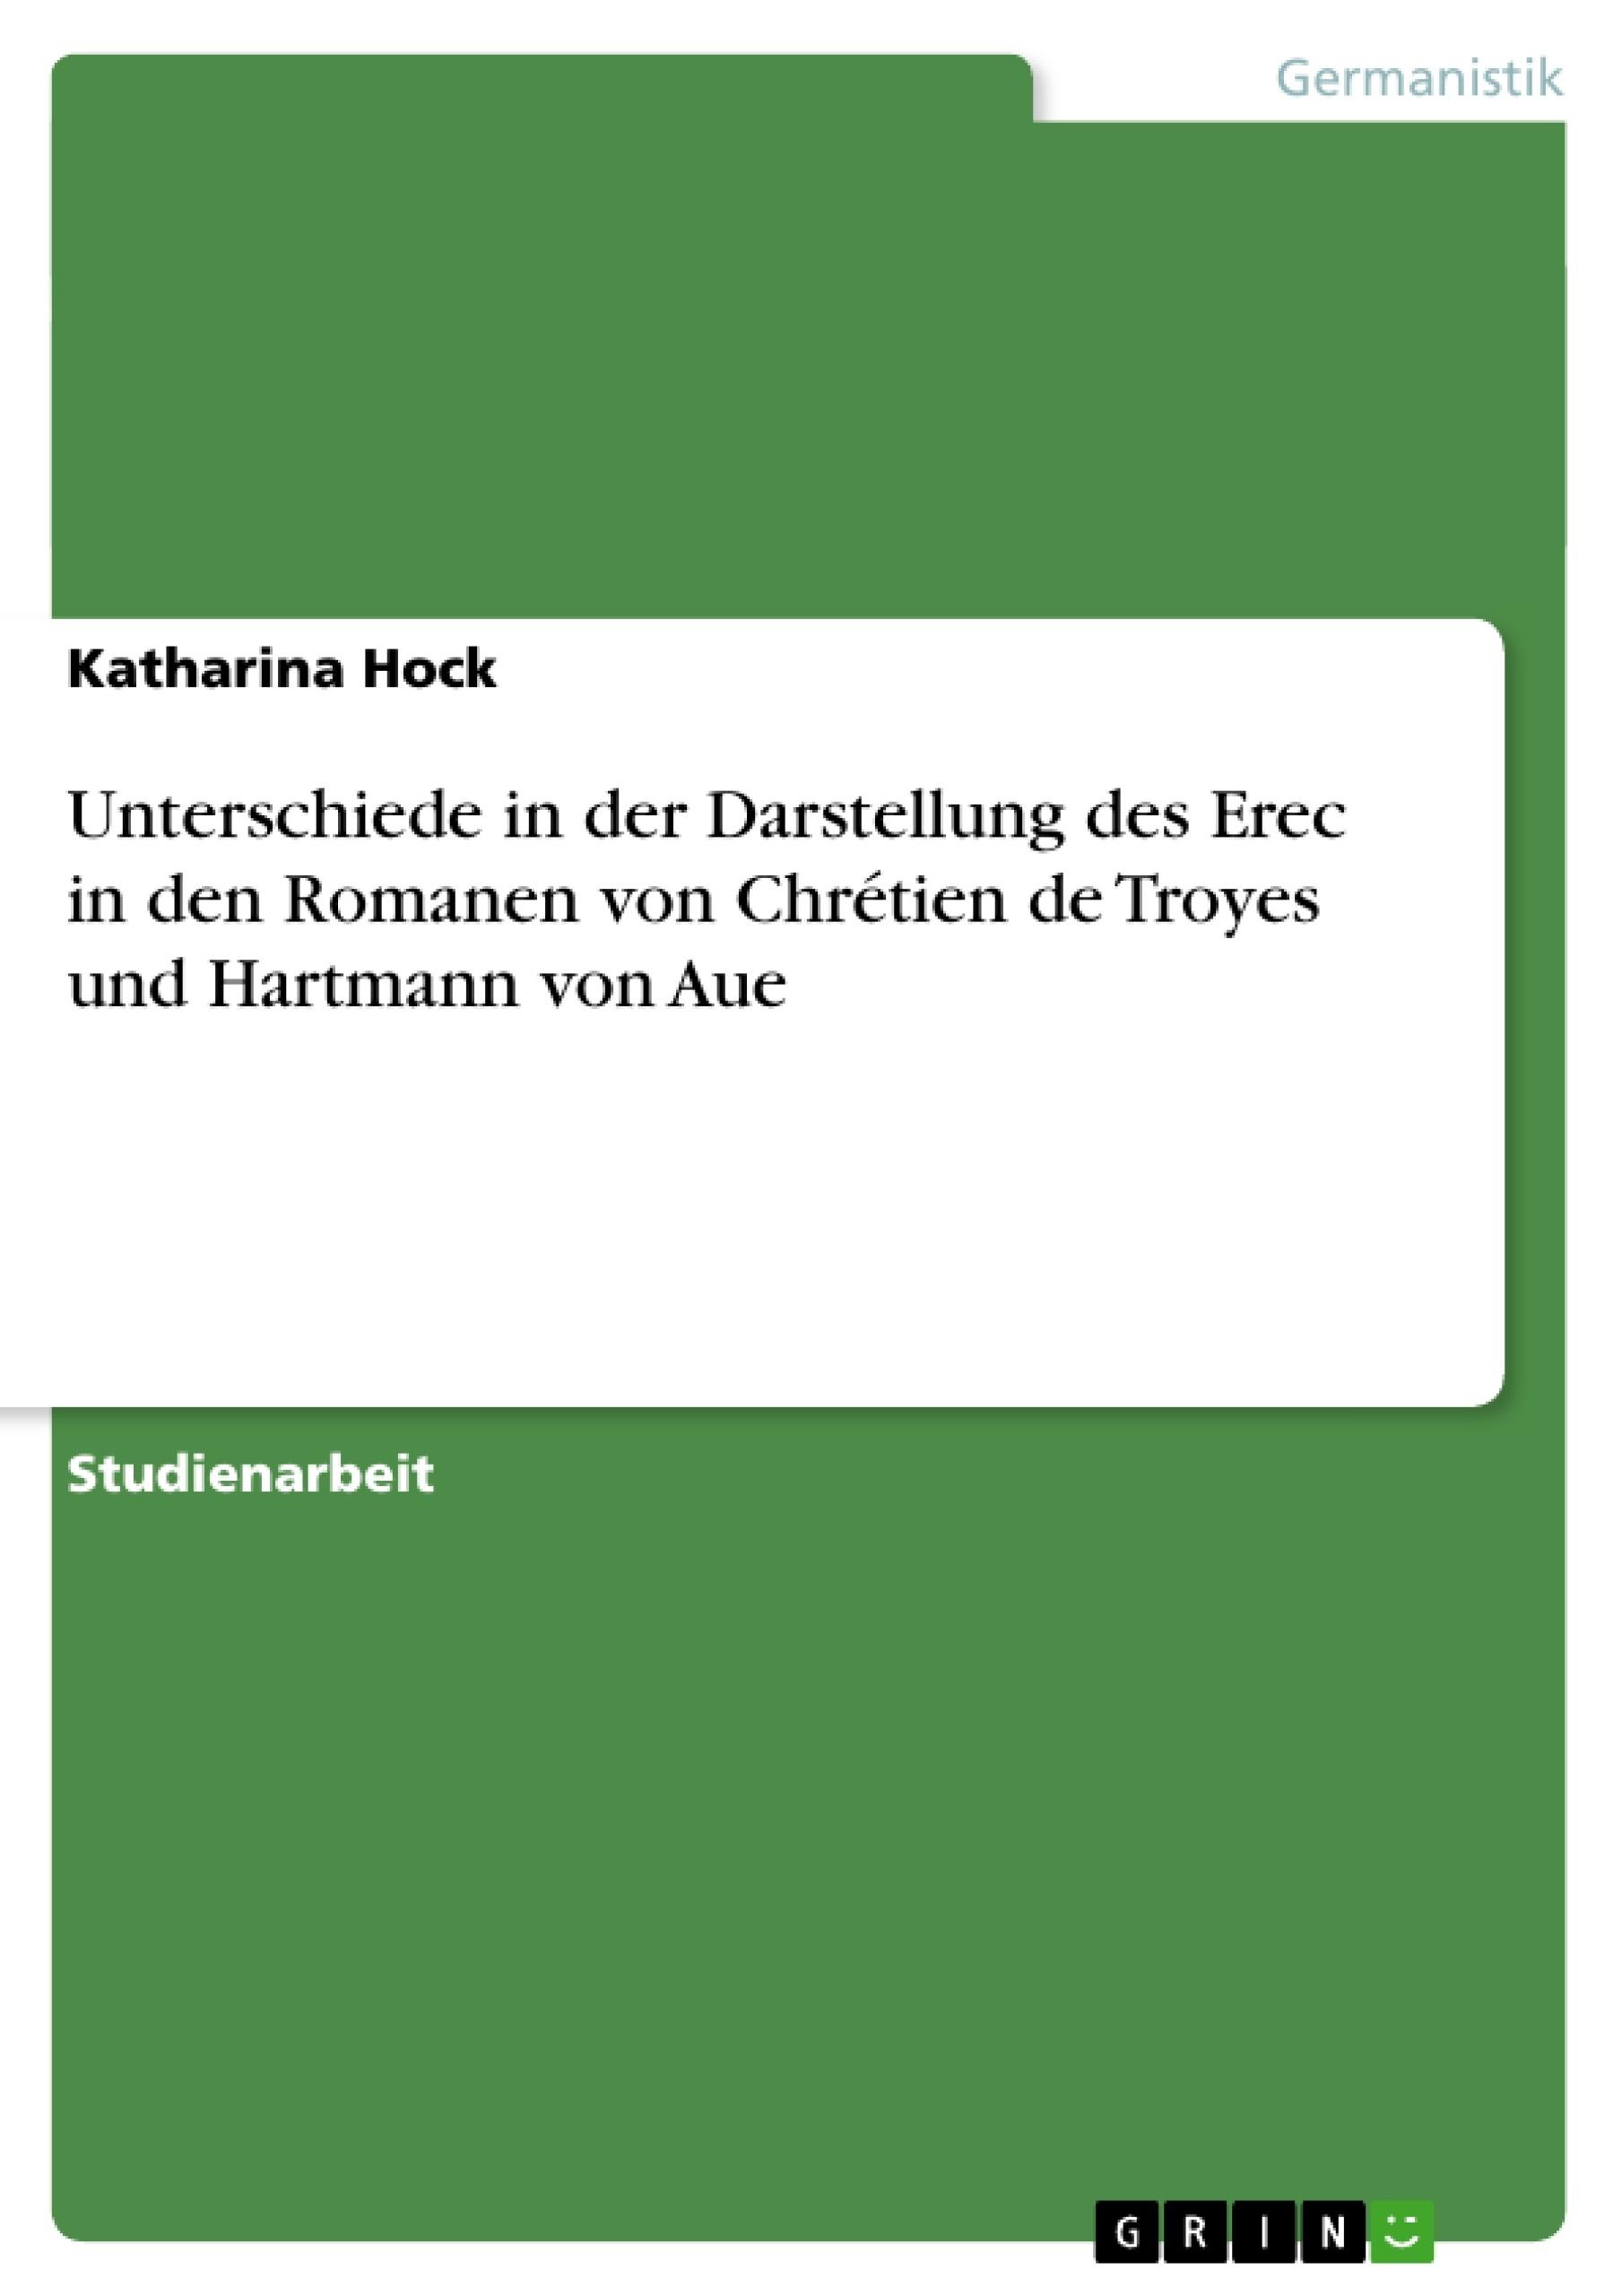 Titel: Unterschiede in der Darstellung des Erec in den Romanen von Chrétien de Troyes und Hartmann von Aue